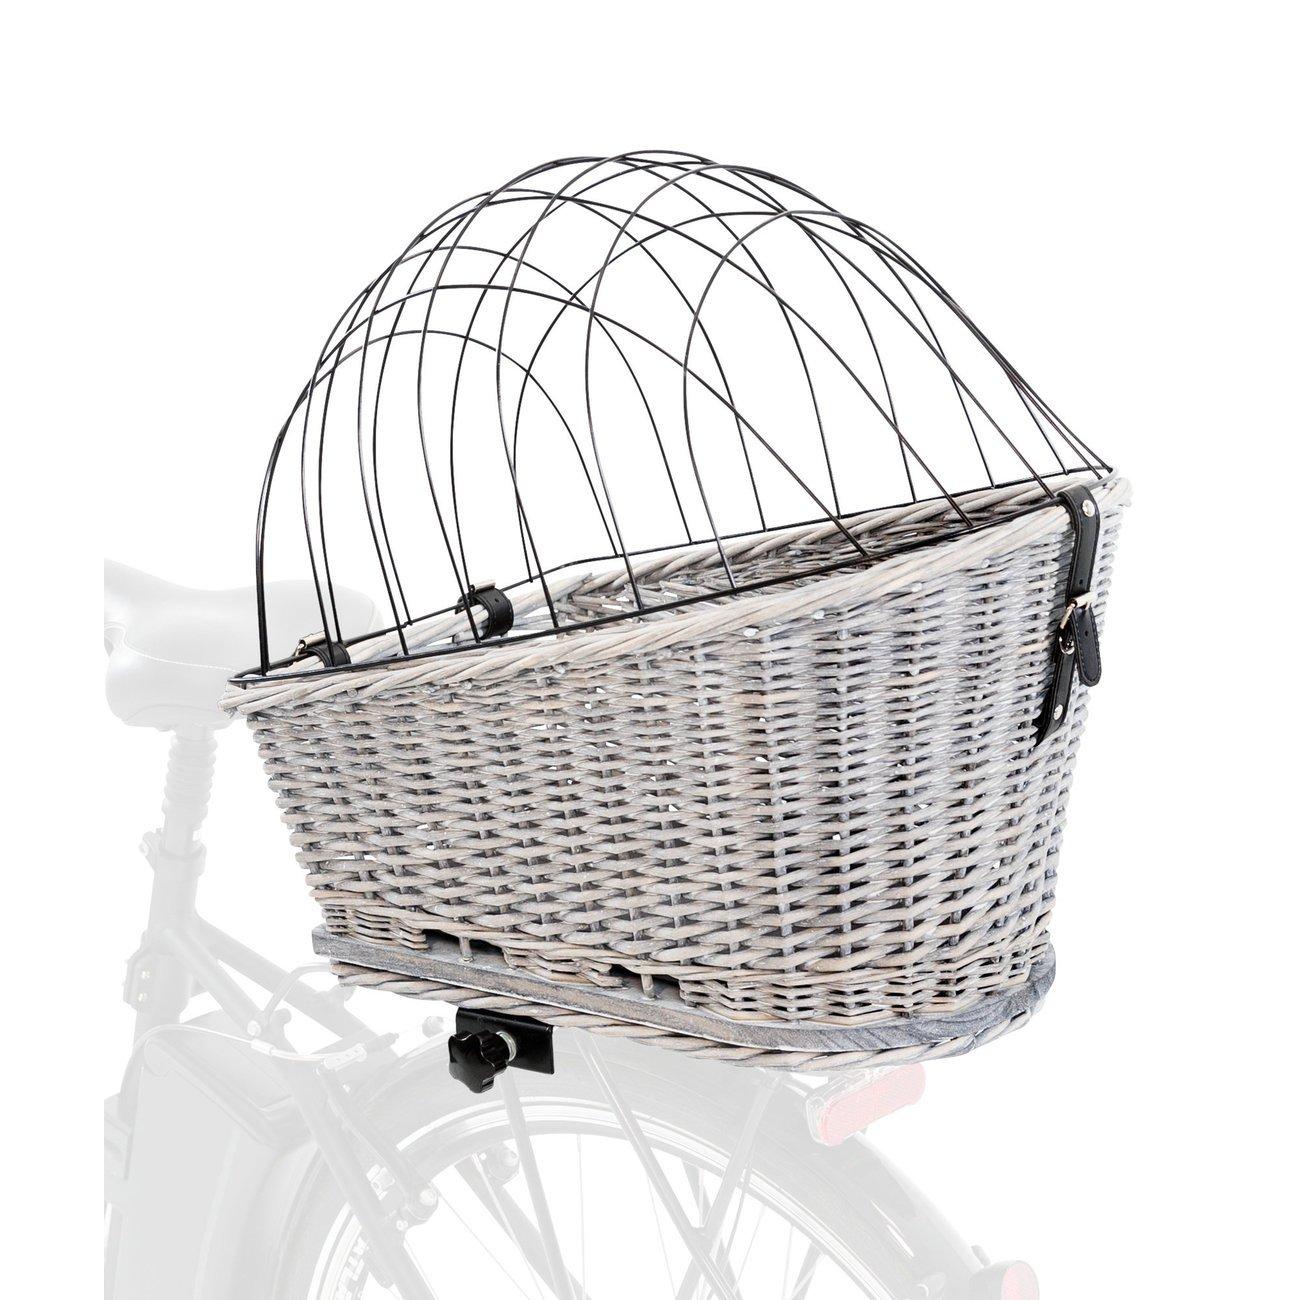 TRIXIE Fahrradkorb für Gepäckträger 13114, Bild 5